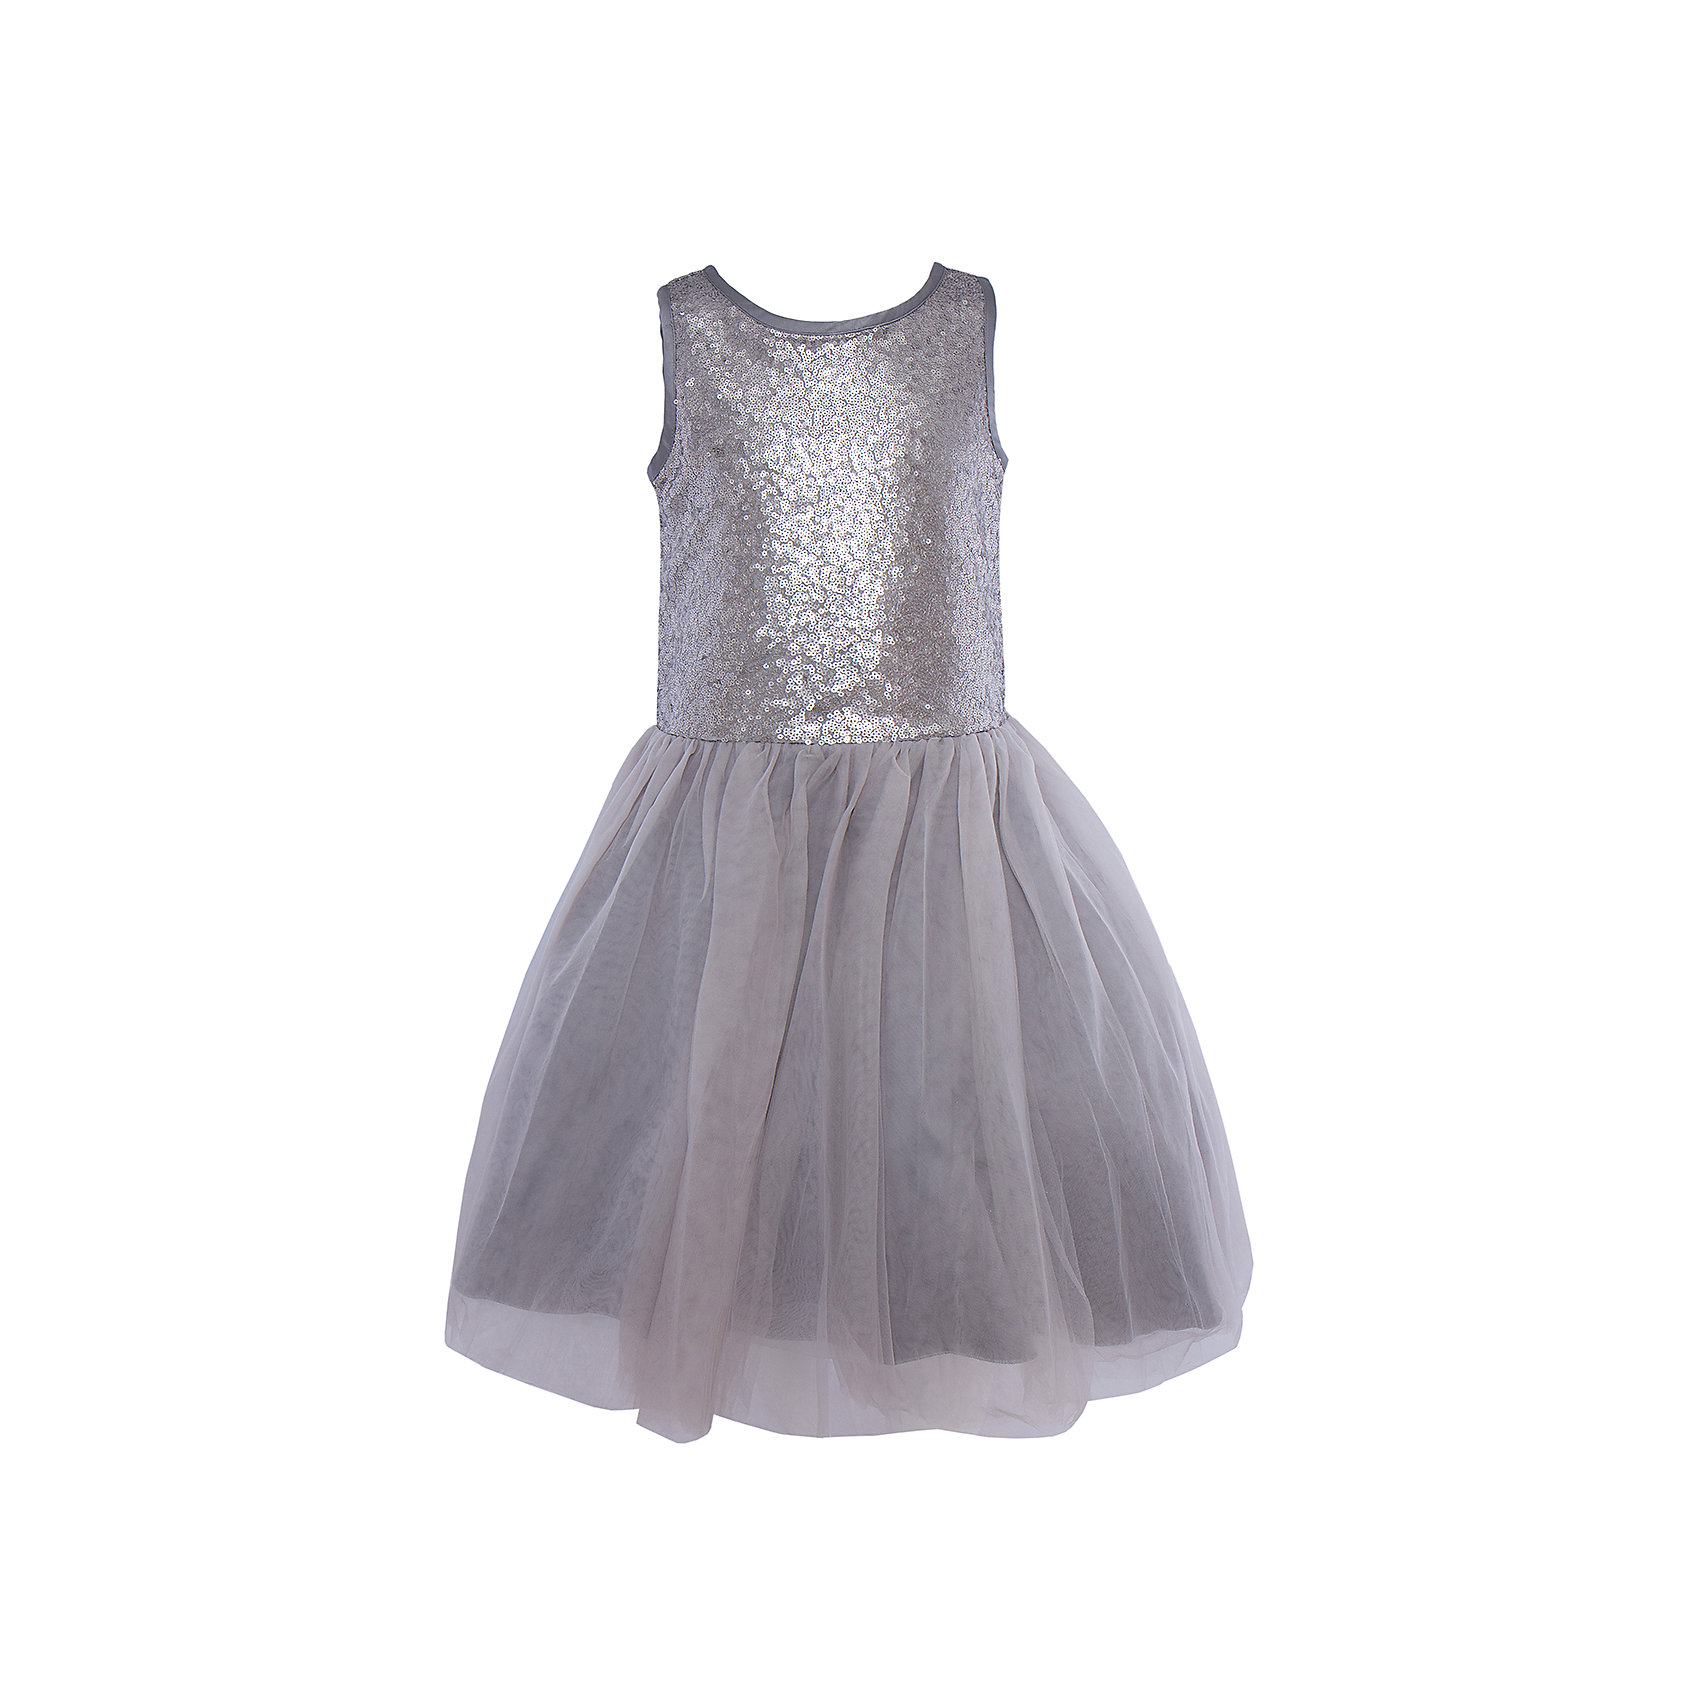 Нарядное платье для девочки LuminosoОдежда<br>Характеристики:<br><br>• Вид одежды: платье<br>• Предназначение: для праздника, торжеств<br>• Сезон: круглый год<br>• Материал: верх – 100% полиэстер; подкладка – 100% хлопок<br>• Цвет: серебристый, серый<br>• Силуэт: классический А-силуэт<br>• Длина платья: миди<br>• Стиль юбки: пачка<br>• Вырез горловины: круглый<br>• Застежка: молния на спинке<br>• Особенности ухода: ручная стирка без применения отбеливающих средств, глажение при низкой температуре <br><br>Luminoso – это коллекция от известного производителя Sweet Berry, который сочетает в своей одежде функциональность, качество, стиль и следование современным мировым тенденциям в текстильной индустрии для подростков. <br>Стильное платье для девочки от знаменитого производителя детской одежды Luminoso выполнено из полиэстера с хлопковой подкладкой. Изделие имеет классический силуэт с отрезной талией и многослойную юбку-пачку со шлейфом. Пышность и объем юбке придает подъюбник. Полочка оформлена пайетками серебристого цвета, вырез рукавов и горловины обработаны атласной лентой. Праздничное платье от Luminoso – это залог успеха вашего ребенка на любом торжестве!<br><br>Платье для девочки Luminoso можно купить в нашем интернет-магазине.<br><br>Ширина мм: 236<br>Глубина мм: 16<br>Высота мм: 184<br>Вес г: 177<br>Цвет: серый<br>Возраст от месяцев: 108<br>Возраст до месяцев: 120<br>Пол: Женский<br>Возраст: Детский<br>Размер: 140,134,146,152,158,164<br>SKU: 5052007